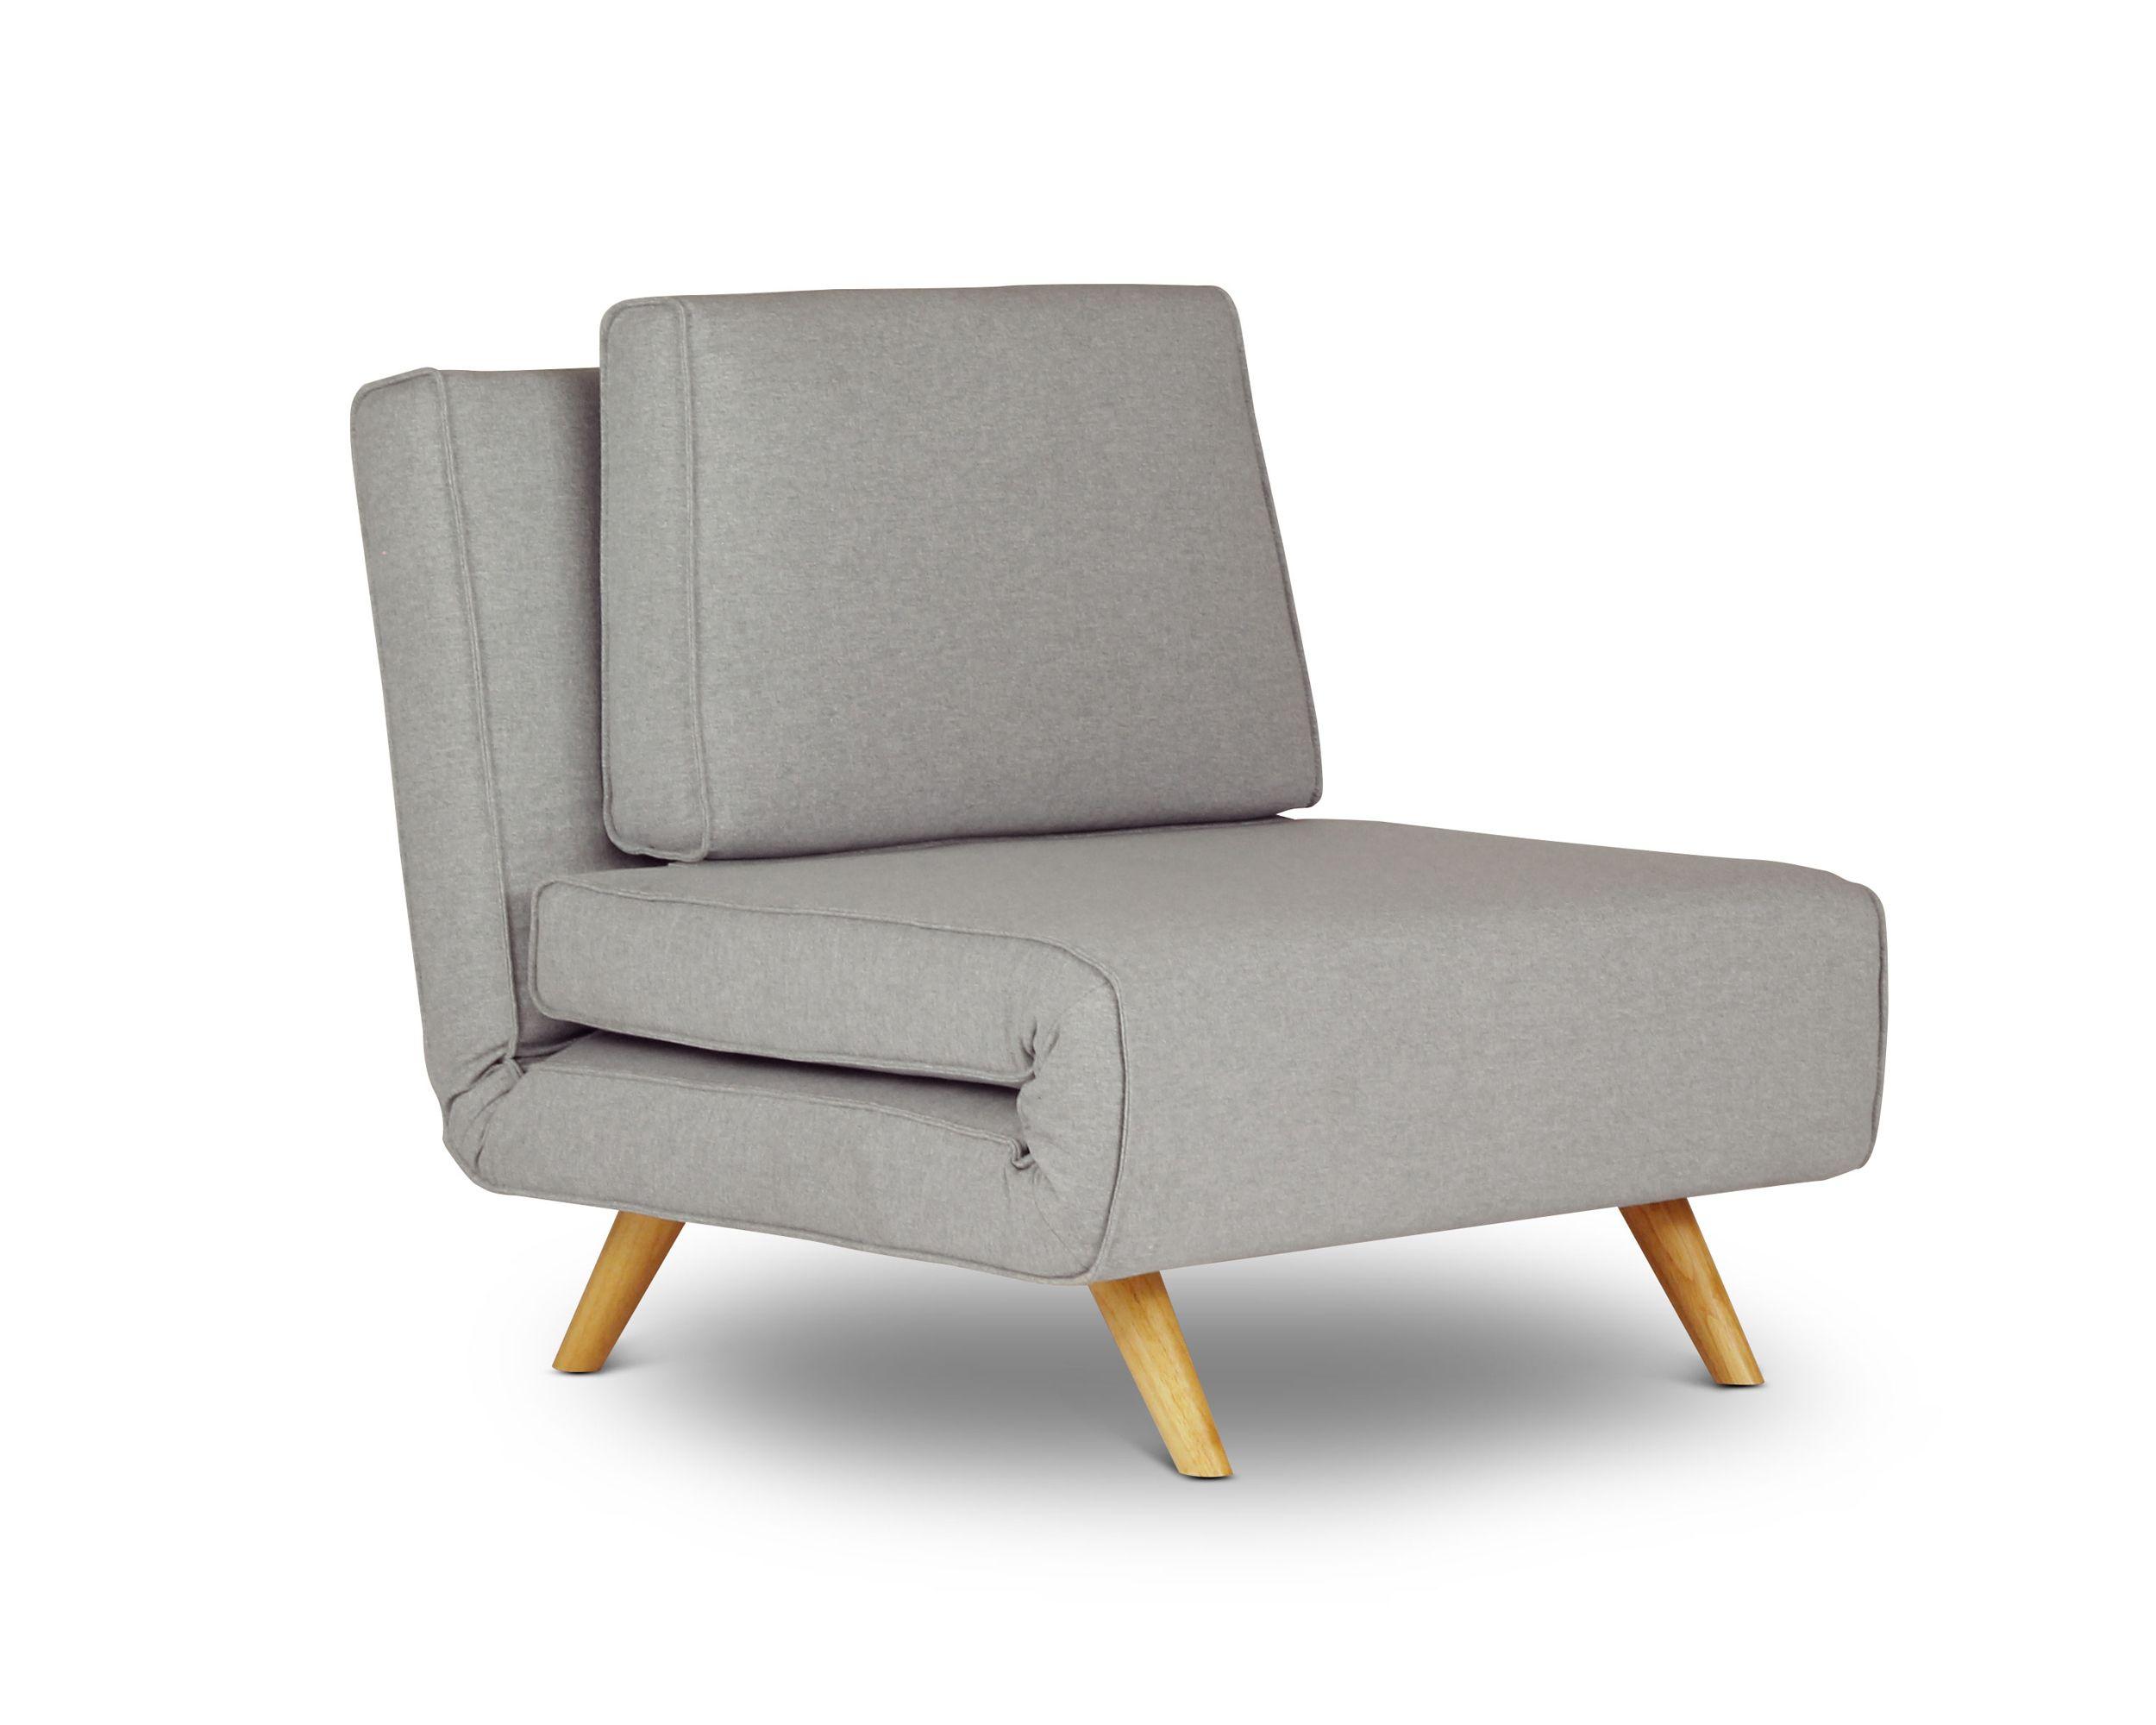 Hana - Armchair Sofa Bed